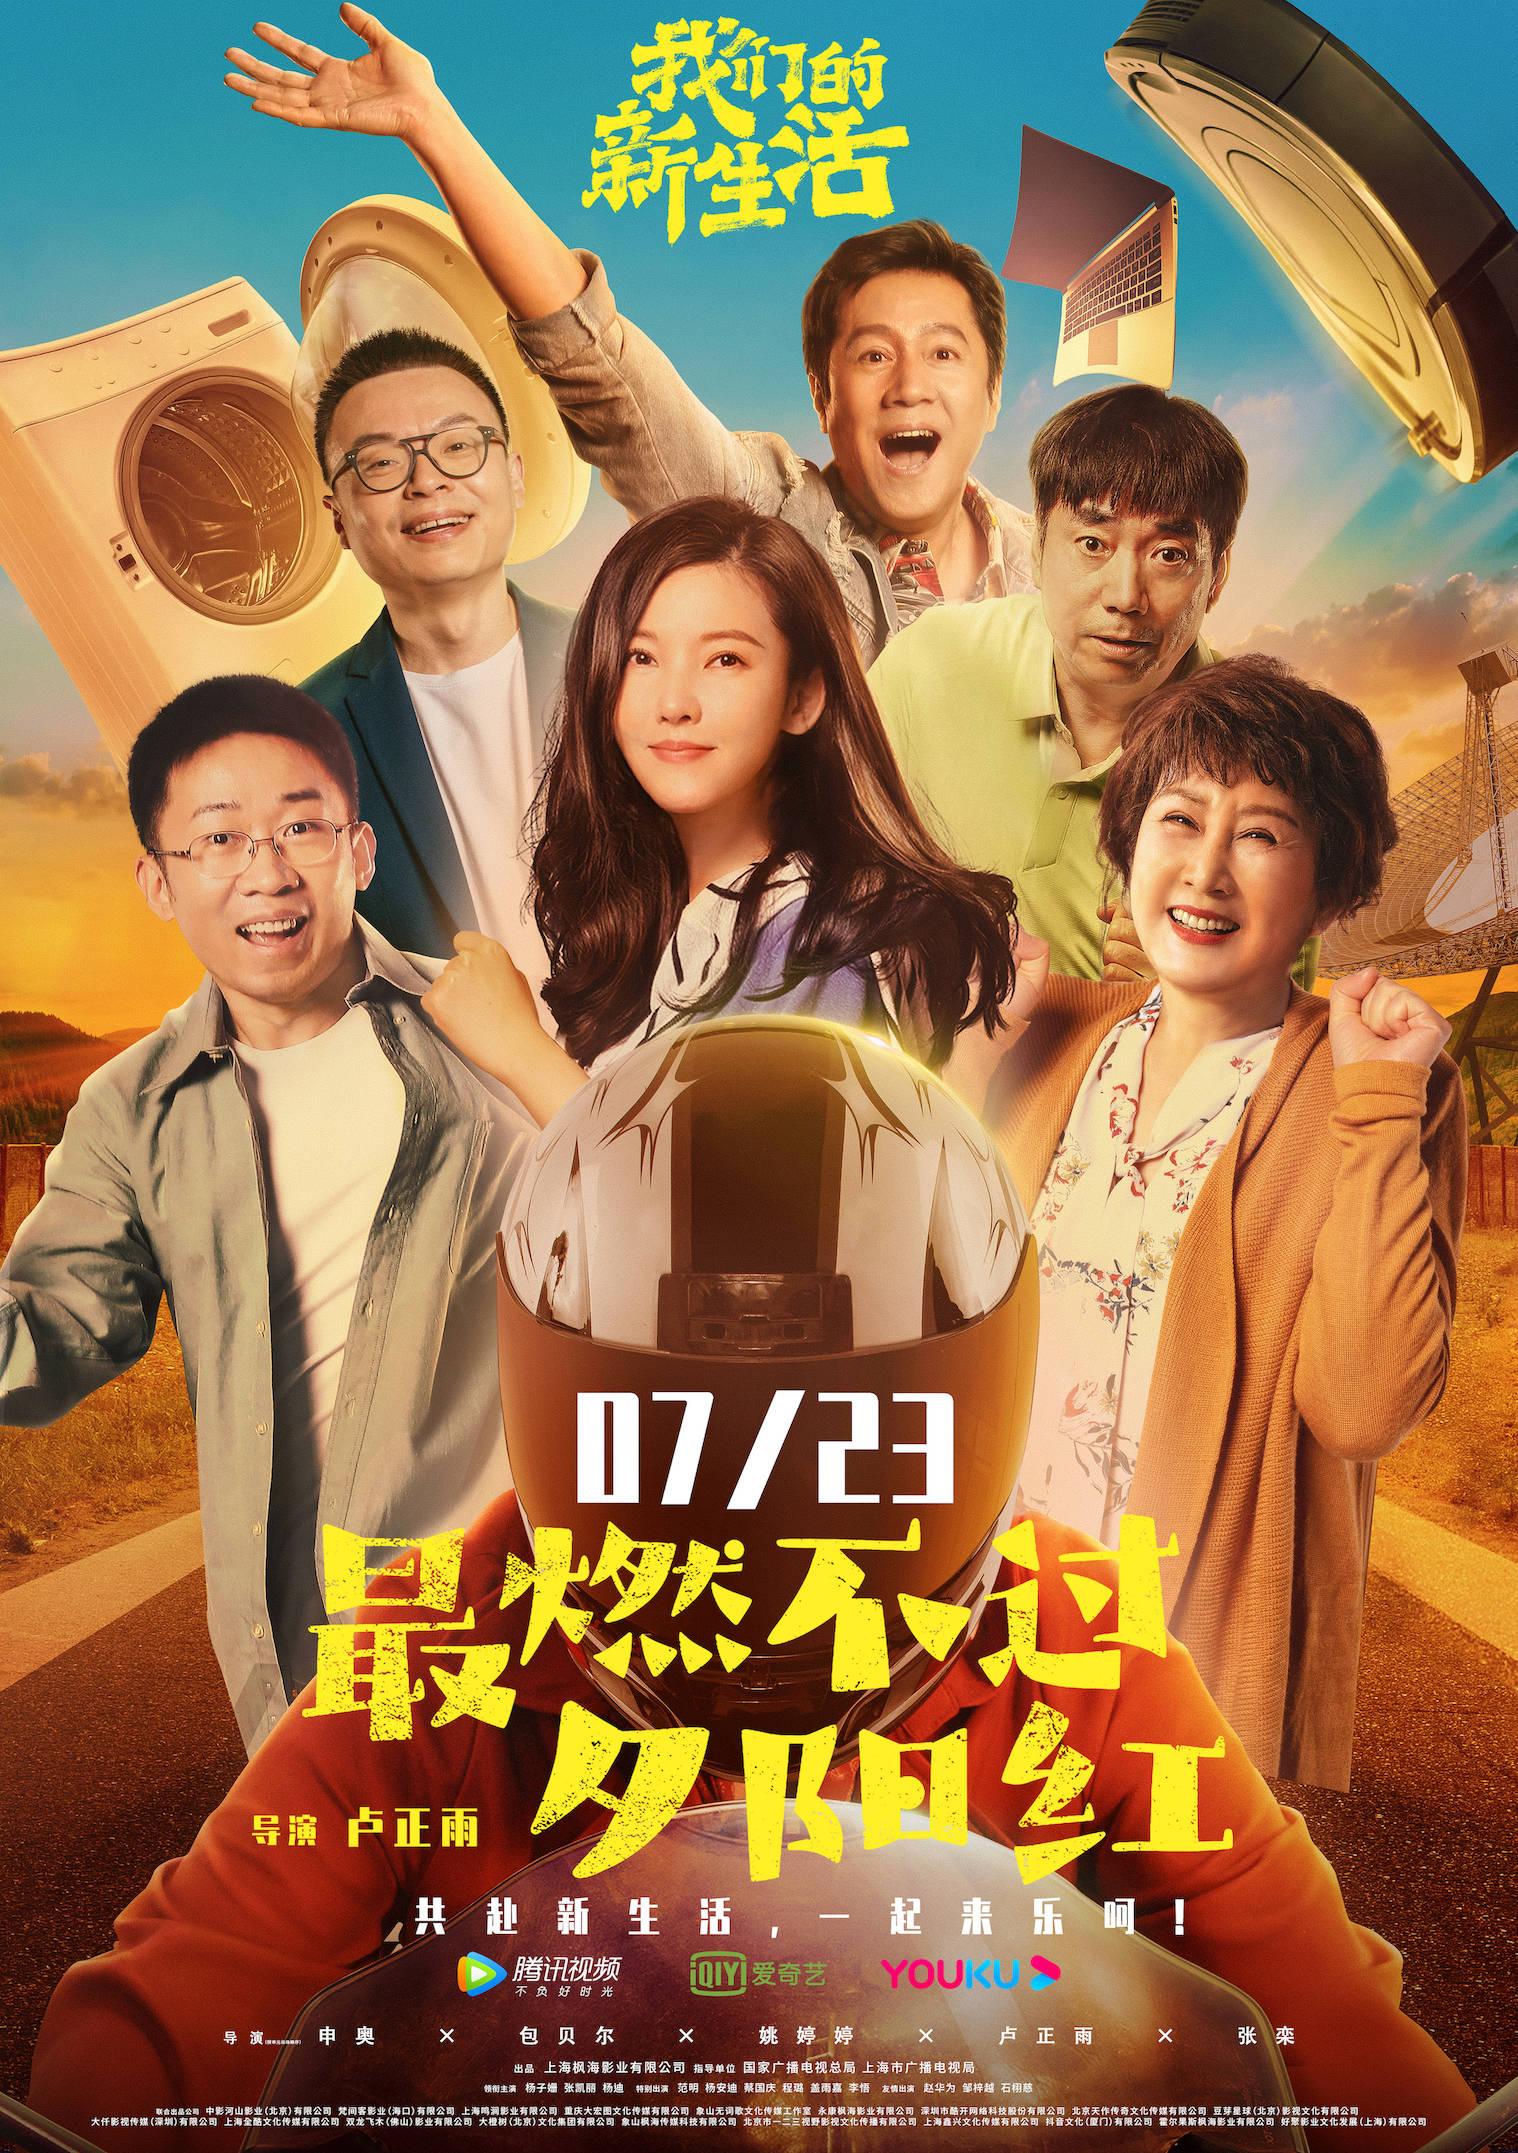 电影《我们的新生活》发布单元海报 小人物大情怀书写时代新篇章 爸爸 第5张